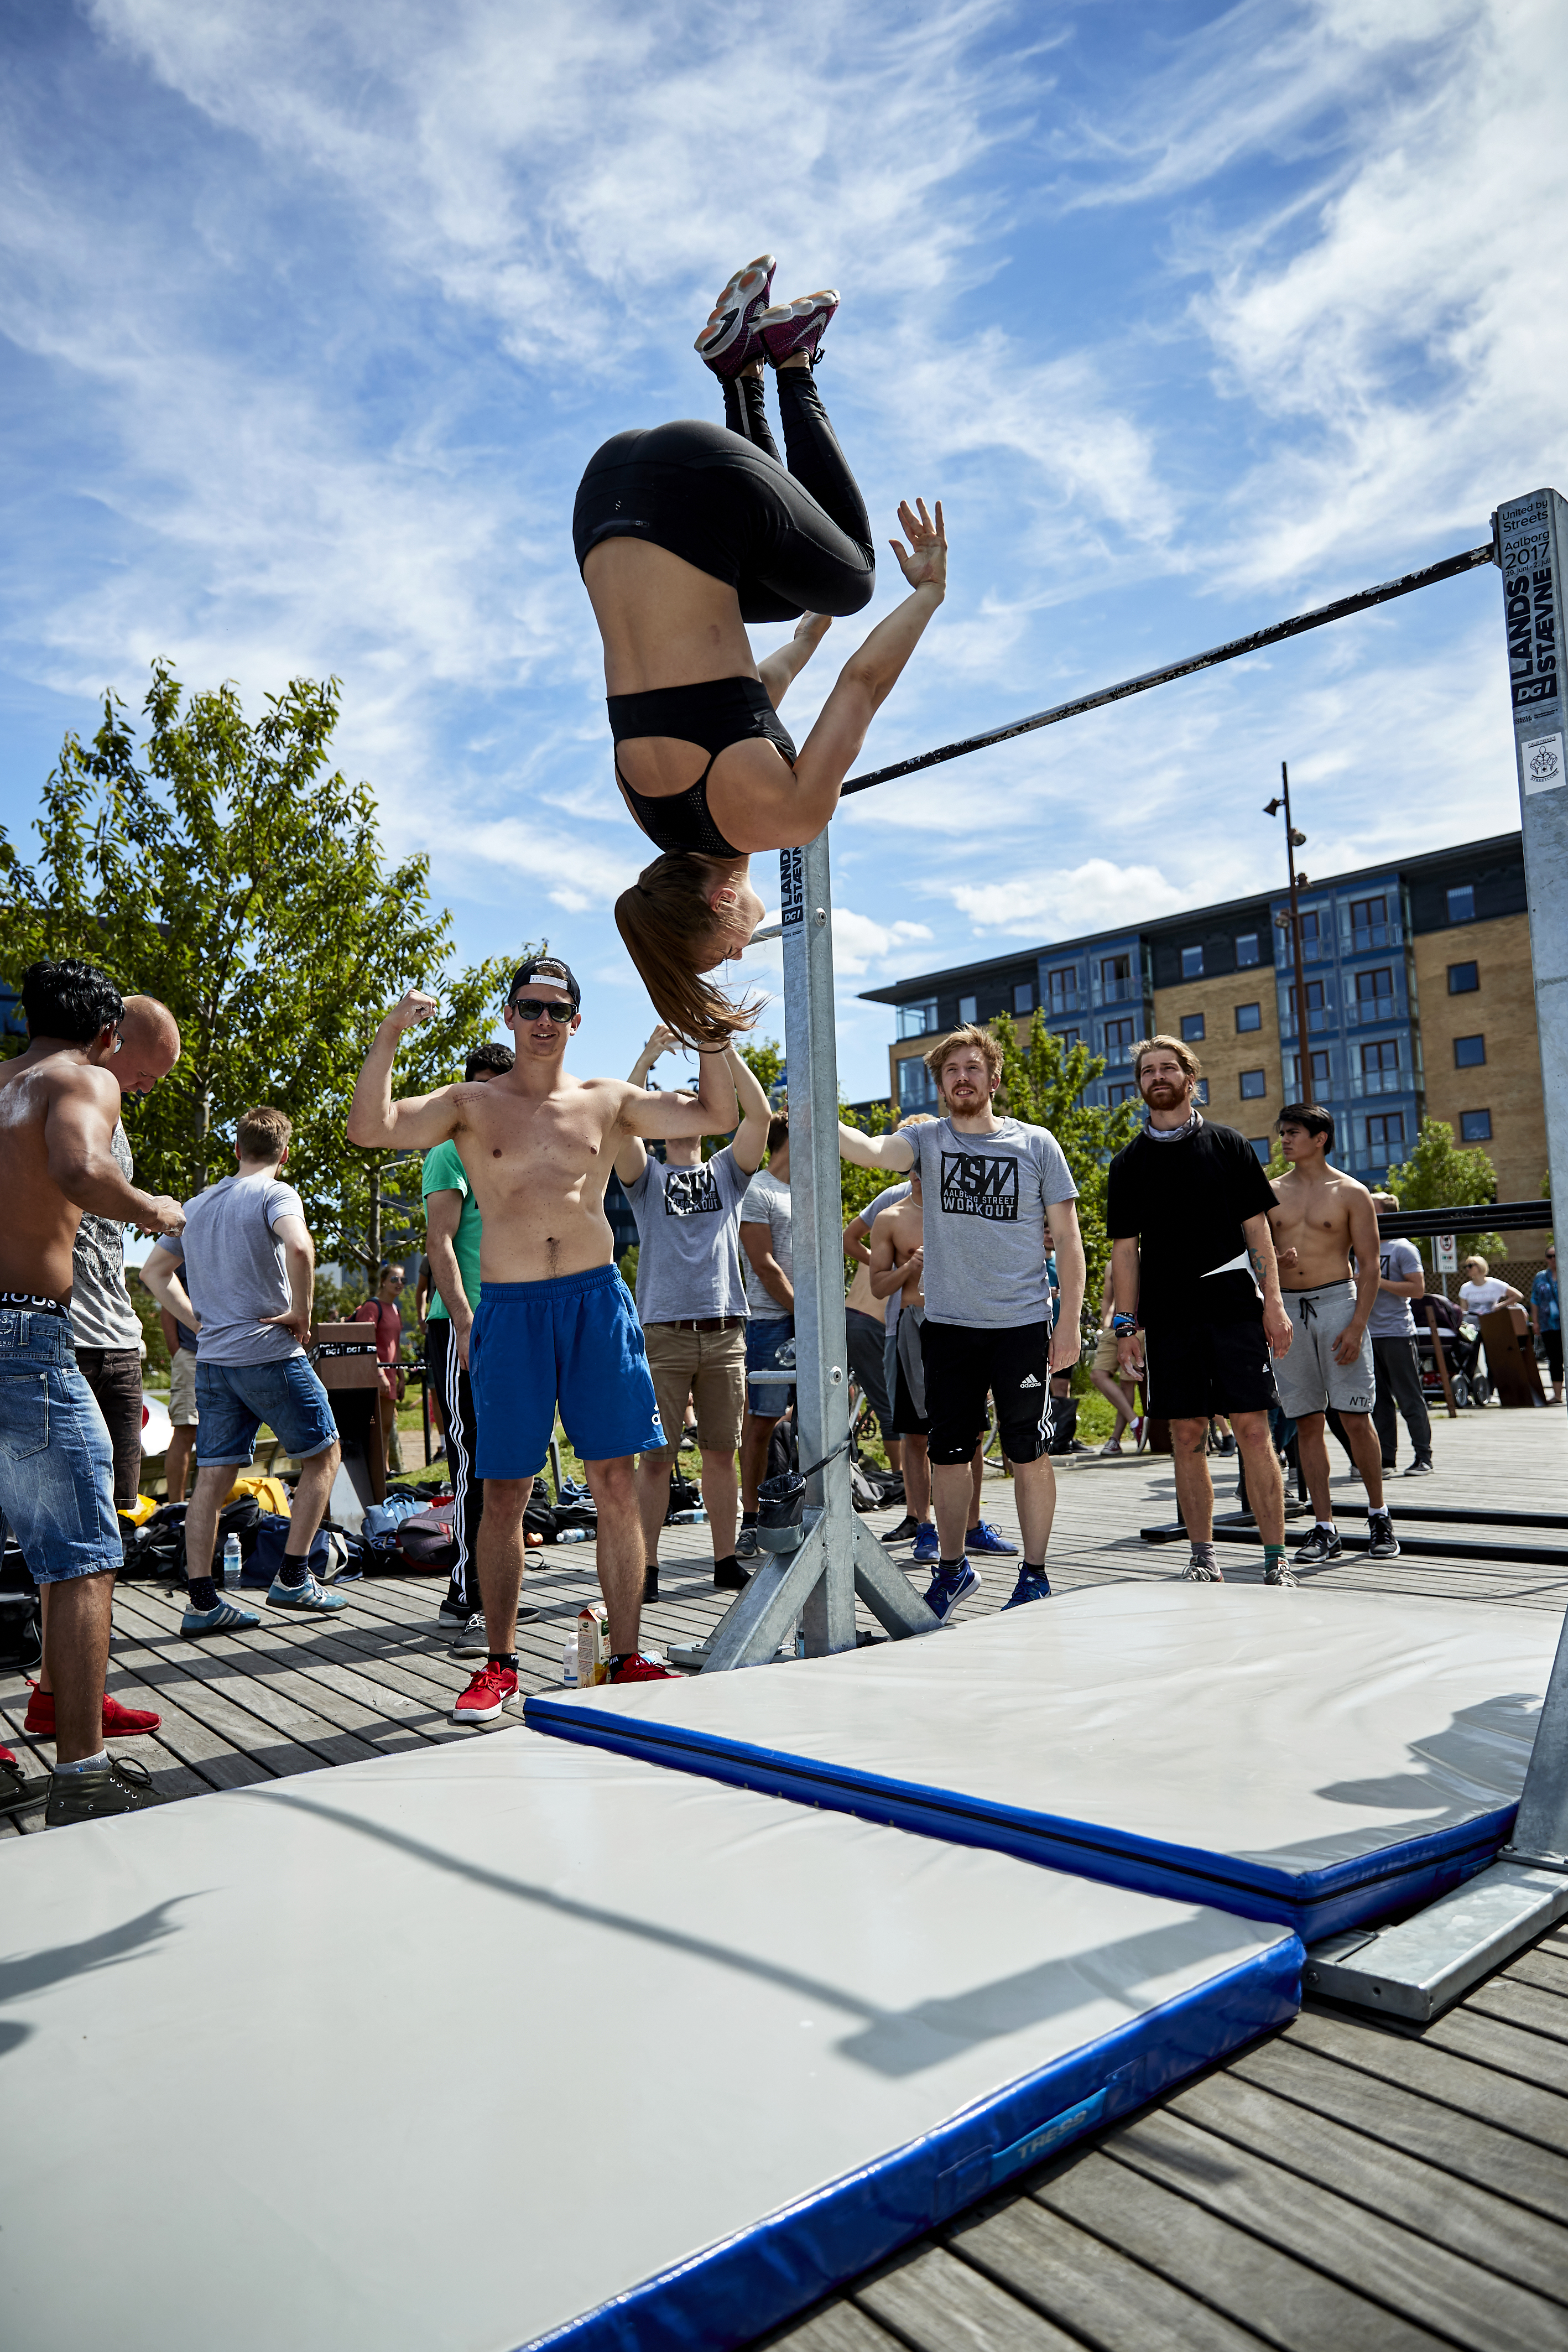 Store oplevelser i vente: Så fedt bliver IDRÆTSMØDET i Aalborg